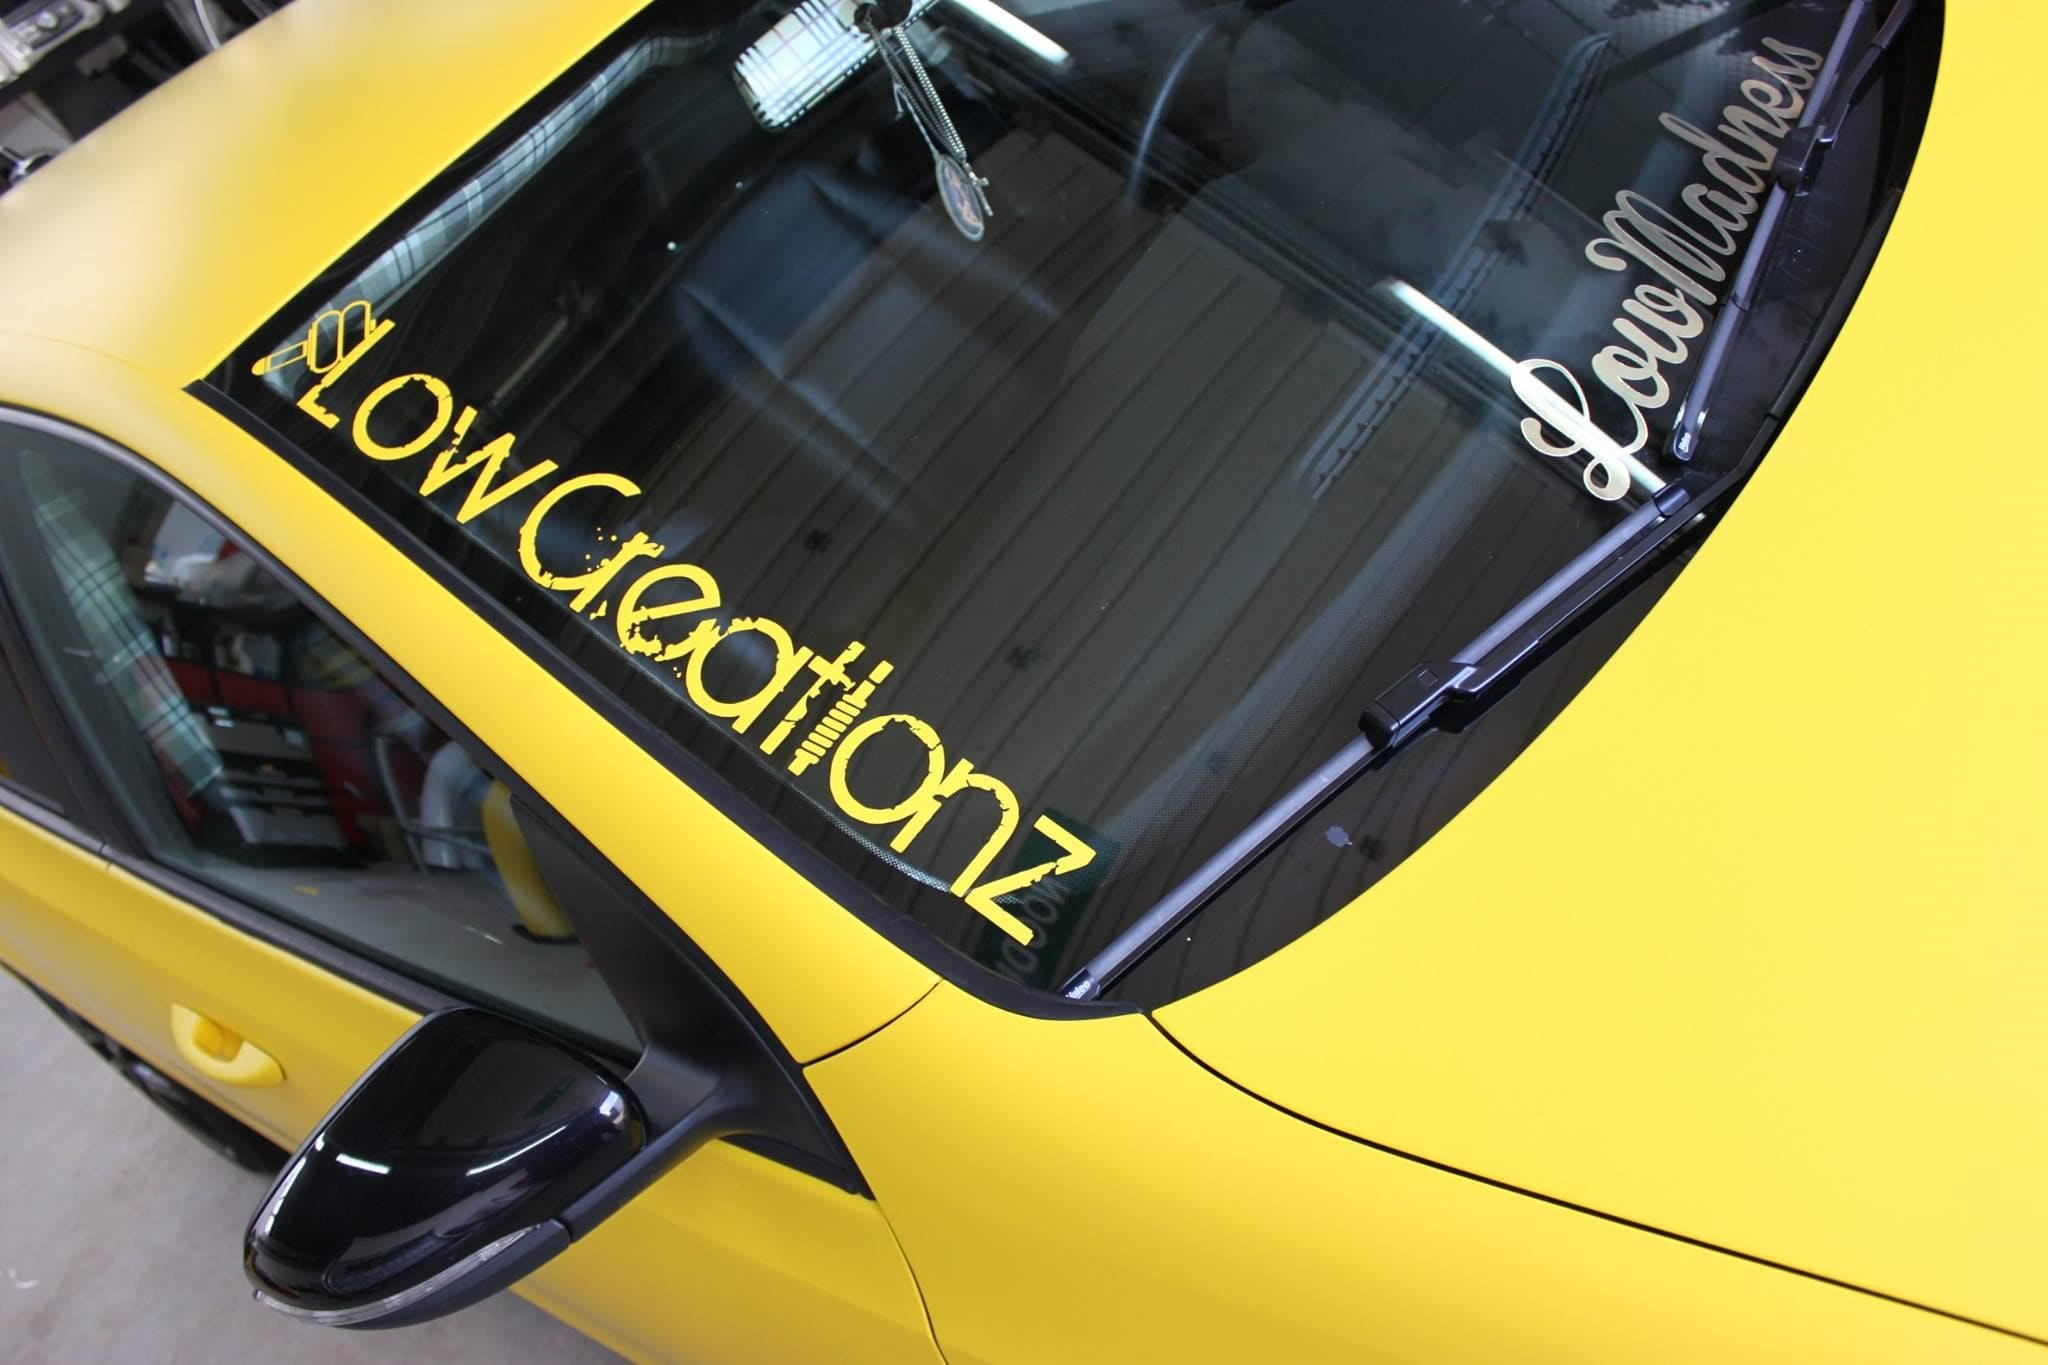 Volkswagen Golf 6 met Mat Bright Yellow Wrap voor Low Creationz, Carwrapping door Wrapmyride.nu Foto-nr:7588, ©2021